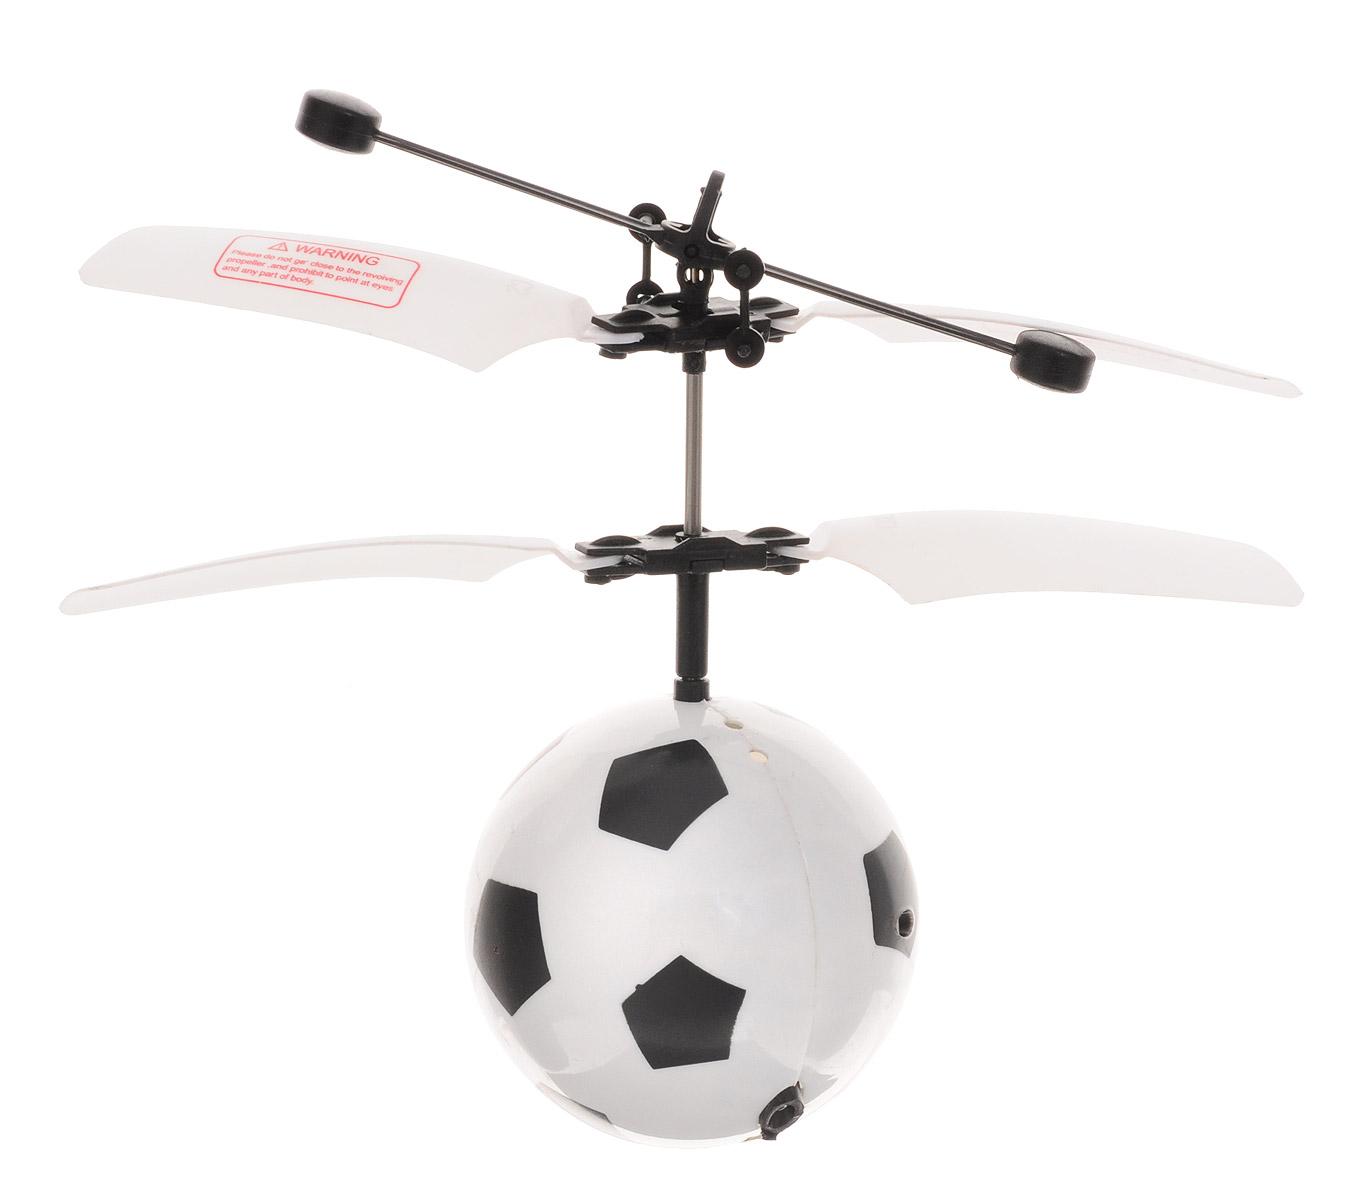 Pilotage Вертолет на радиоуправлении Футбольный мяч RTF цвет белыйRC15817Вертолет на радиоуправлении Pilotage Футбольный мяч RTF станет прекрасным подарком для ребенка или любителя футбола. Модель оснащена соосными роторами, обеспечивающими стабильный полет и вращение модели вокруг своей оси во время полета. В комплекте с летающей моделью мяча вы найдете инфракрасный манипулятор, запускающий лопасти и заряжающий встроенный аккумулятор. Первое нажатие на кнопку манипулятора запускает роторы, а второе останавливает их. Во время полета вы можете управлять его высотой, поднося под мяч руку и предметы, которые определит специальный датчик и повысит обороты роторов. Яркий внешний вид футбольного мяча сделает его любимой игрушкой, как для вашего ребенка, так и для вас. Игрушку можно использовать как дома, так и на улице в безветренную погоду. Радиоуправляемые игрушки развивают моторику ребенка, его логику, координацию движений и пространственное мышление. Игрушка изготовлена из безопасных материалов. Порадуйте своего малыша таким замечательным...